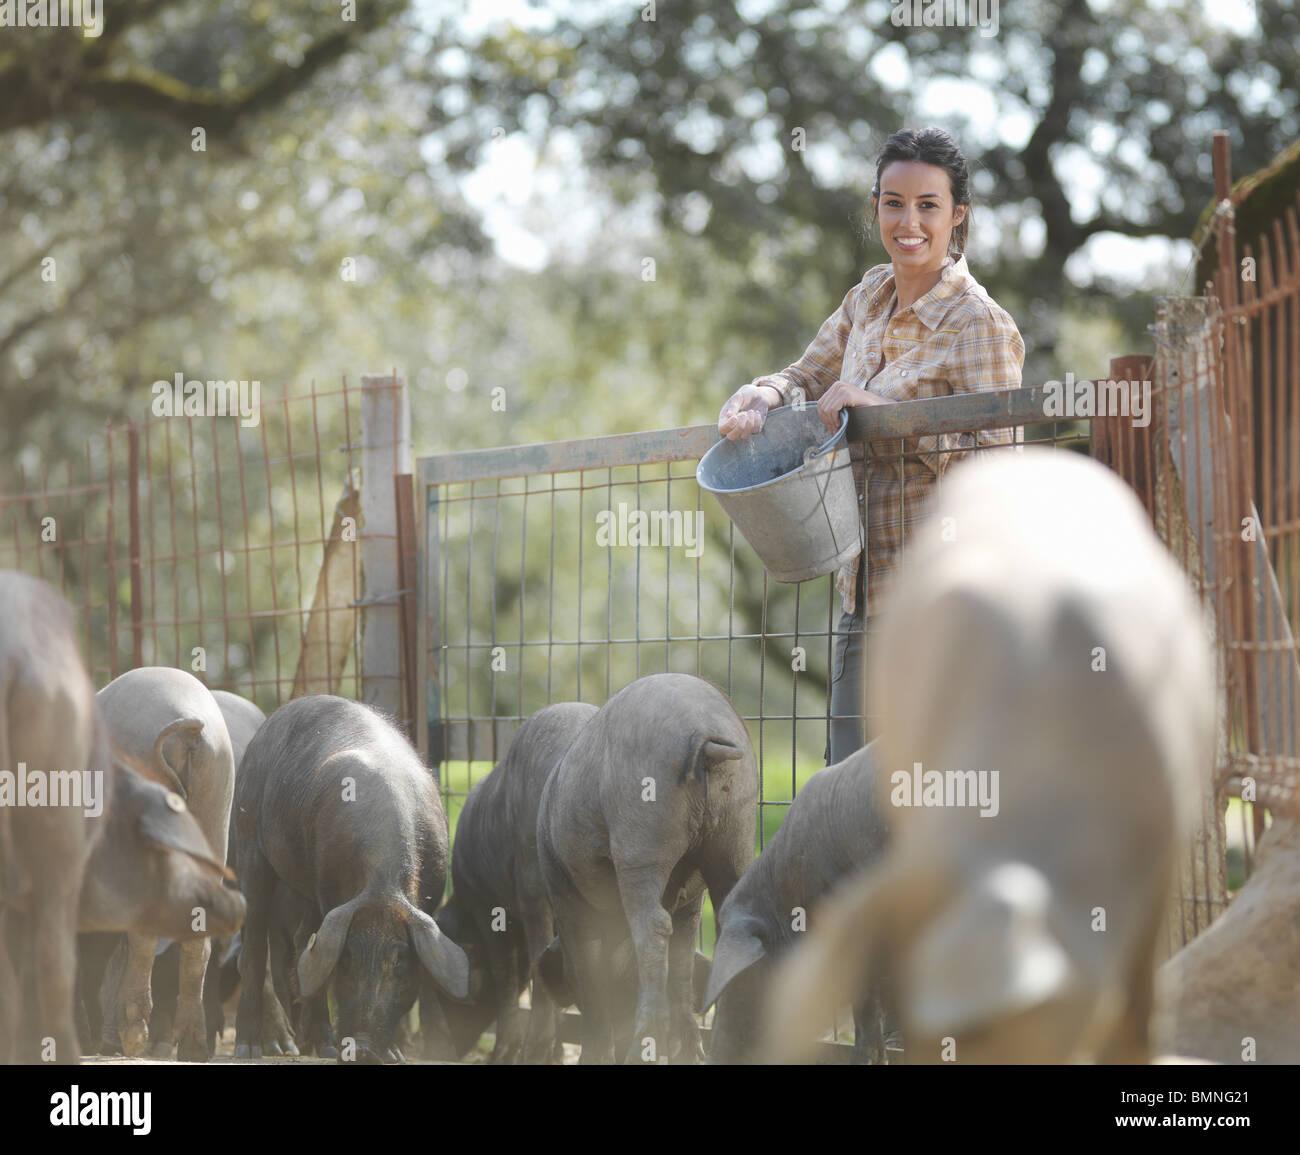 Mujer en la alimentación de los cerdos de granja Imagen De Stock